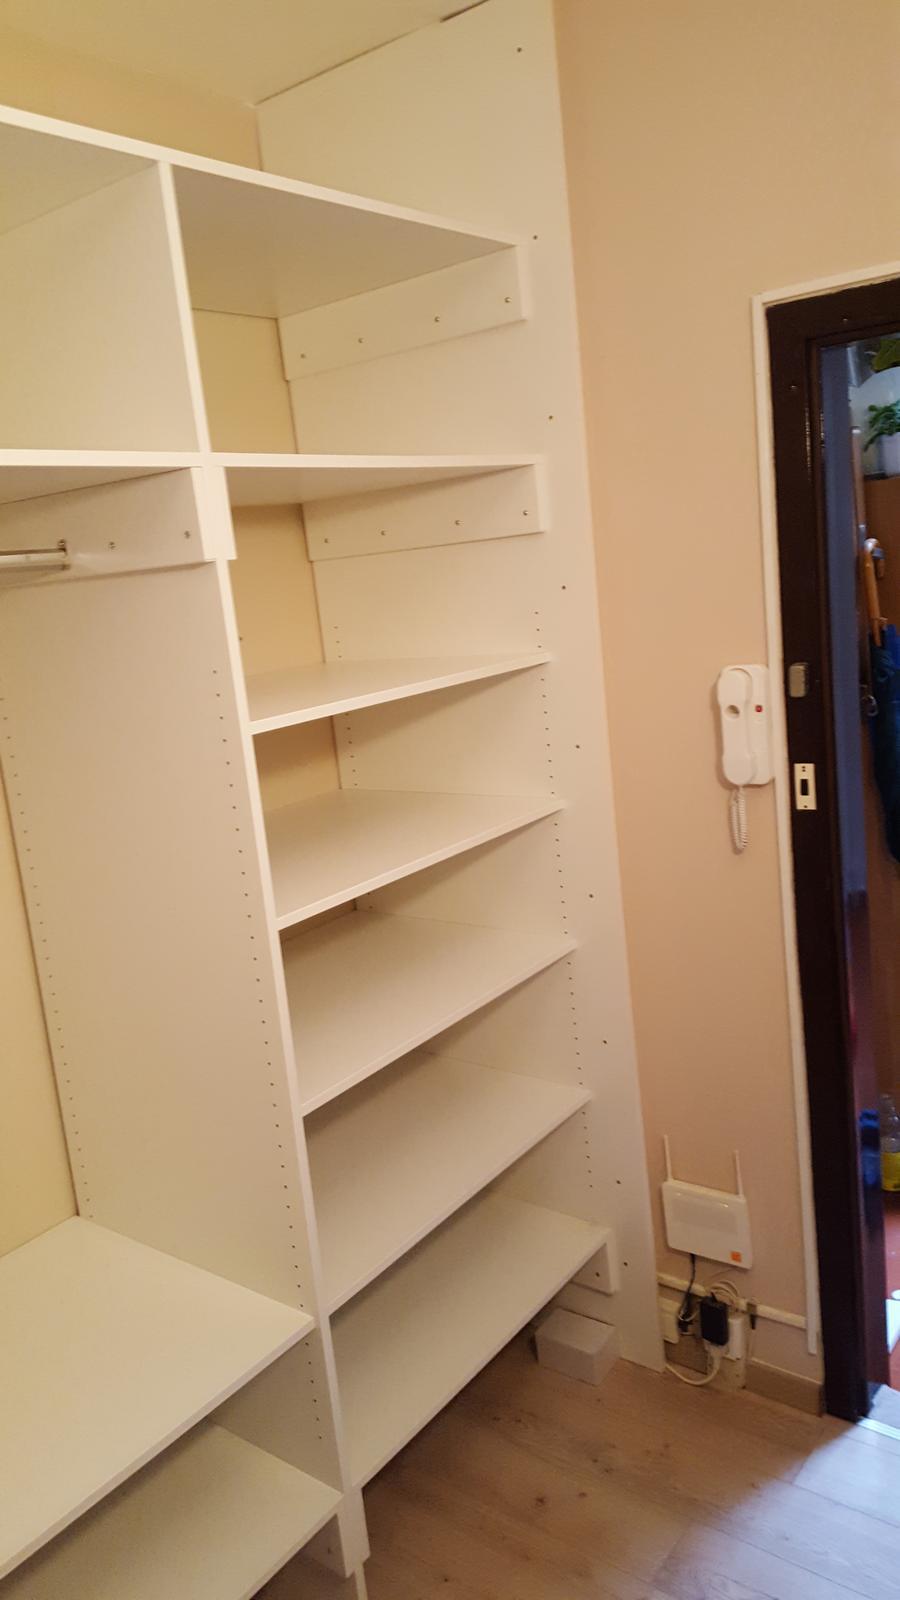 Moja mala fuska cakam uz len na dvere zrkadlove a vodiace listy - Obrázok č. 3